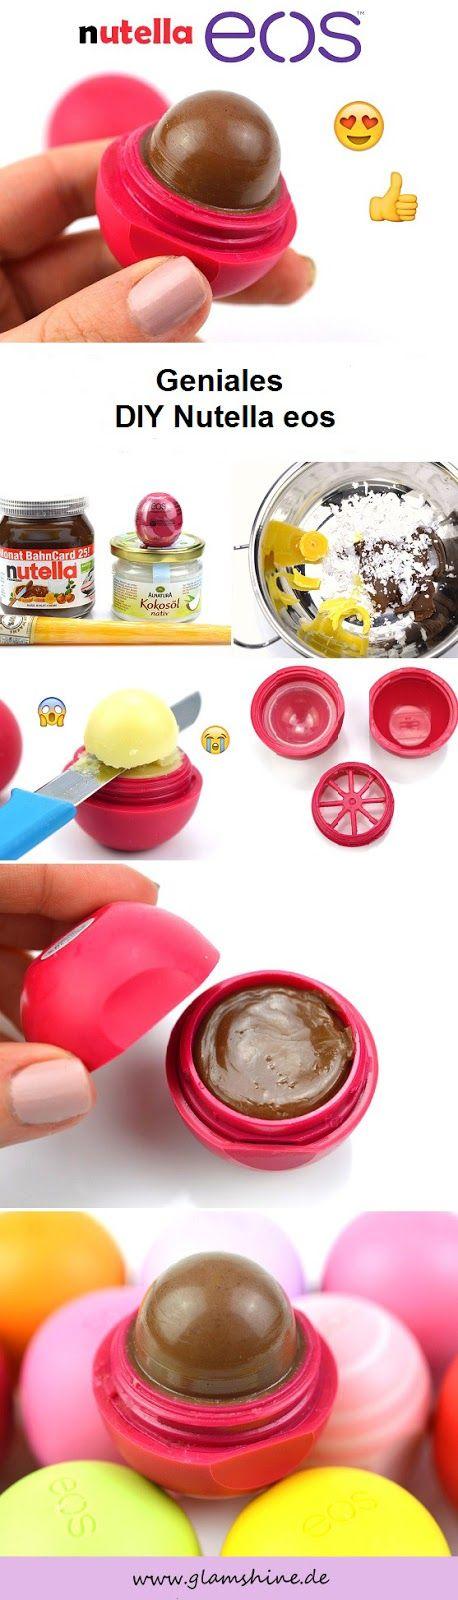 Geniales DIY Nutella eos Lip Balm - Ganz einfach selber machen!